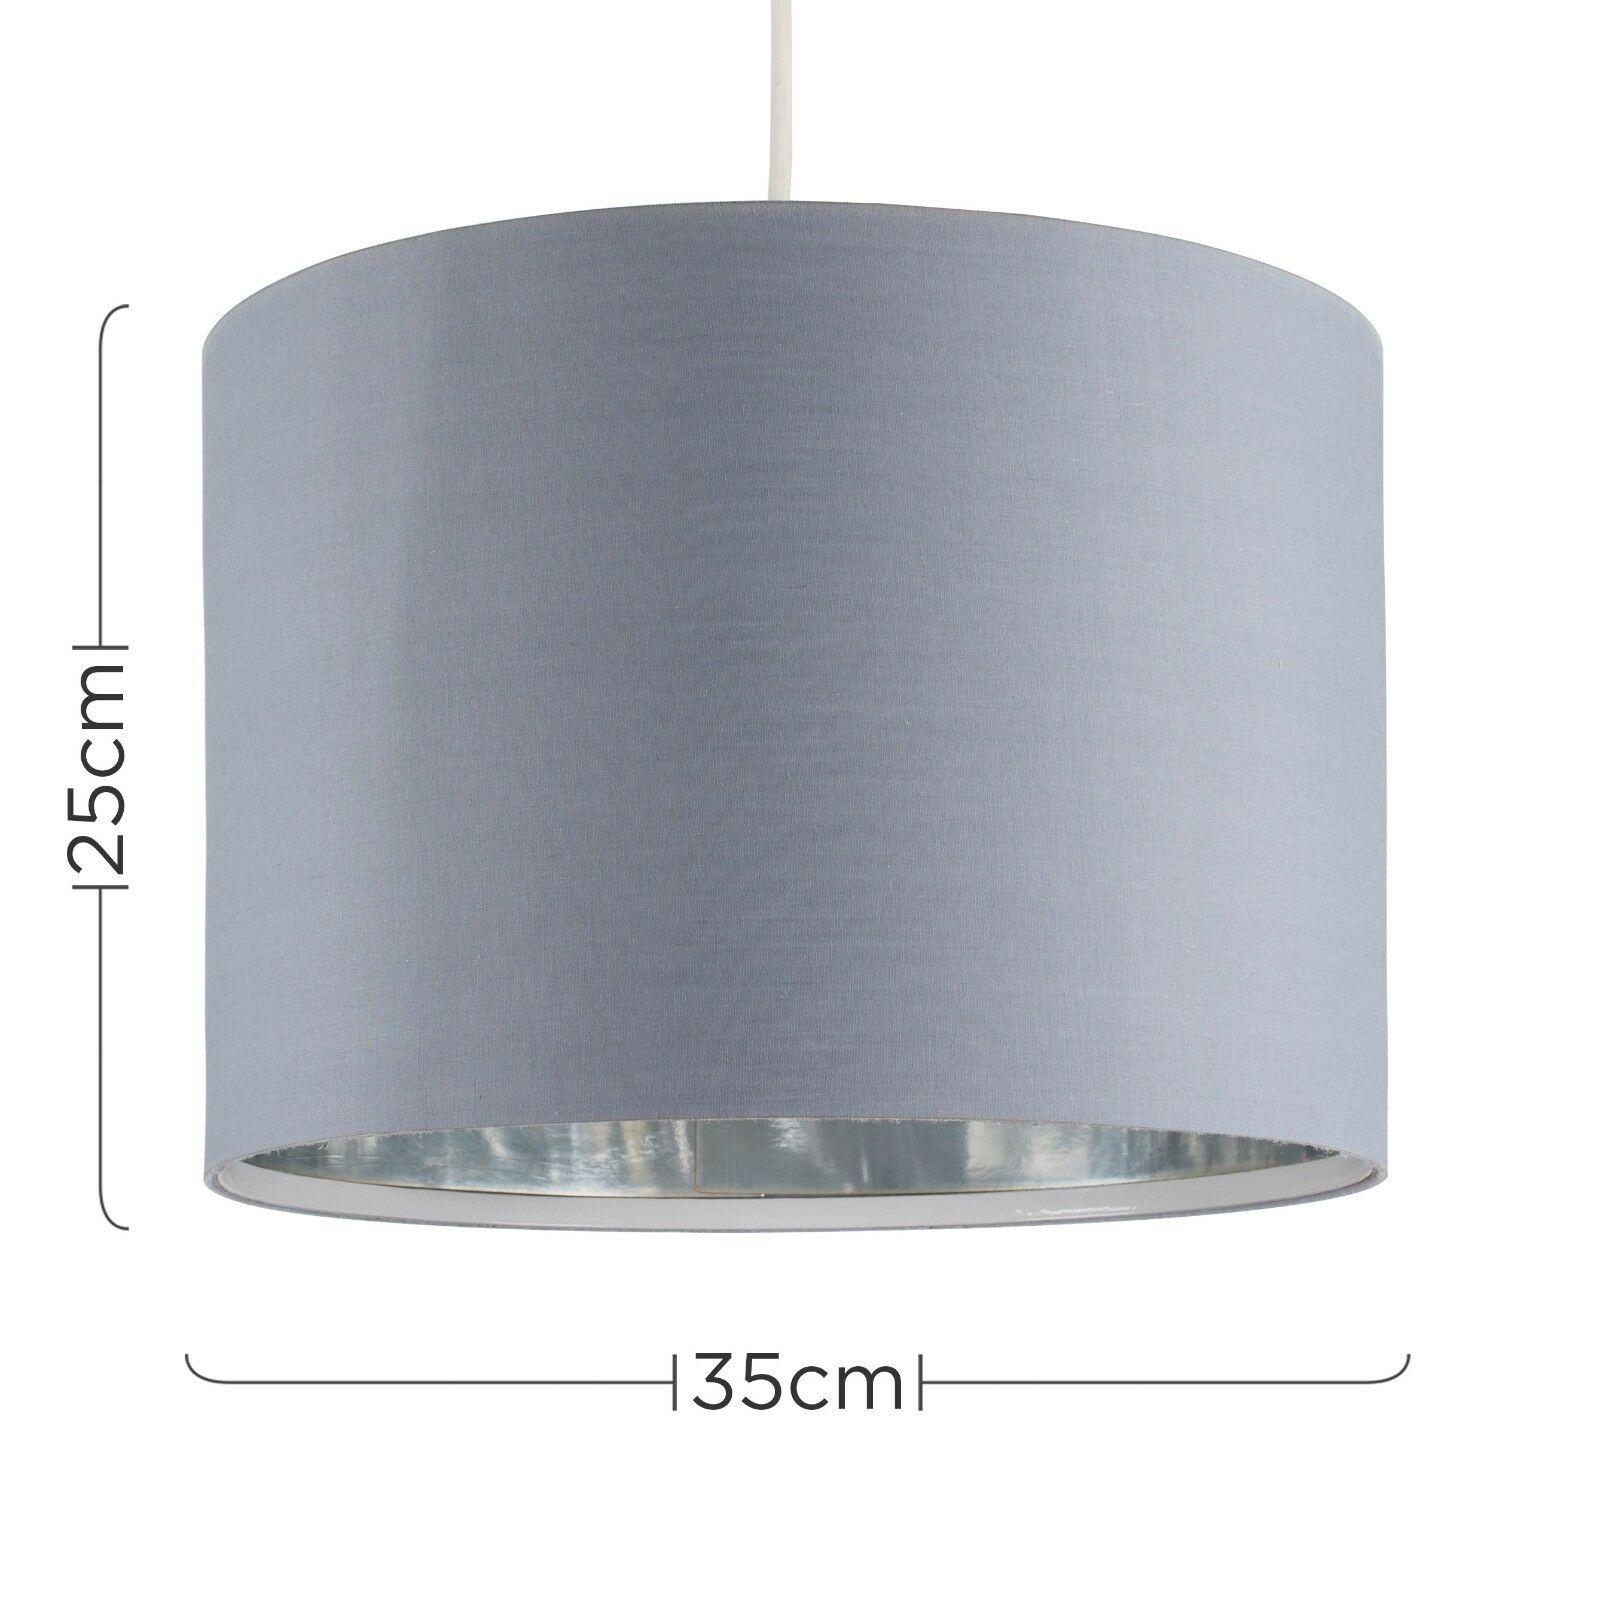 Modern-in-tessuto-cotone-Easy-Fit-Soffitto-Ciondolo-Luce-a-tamburo-Tonalita-Tavolo-Paralume miniatura 124